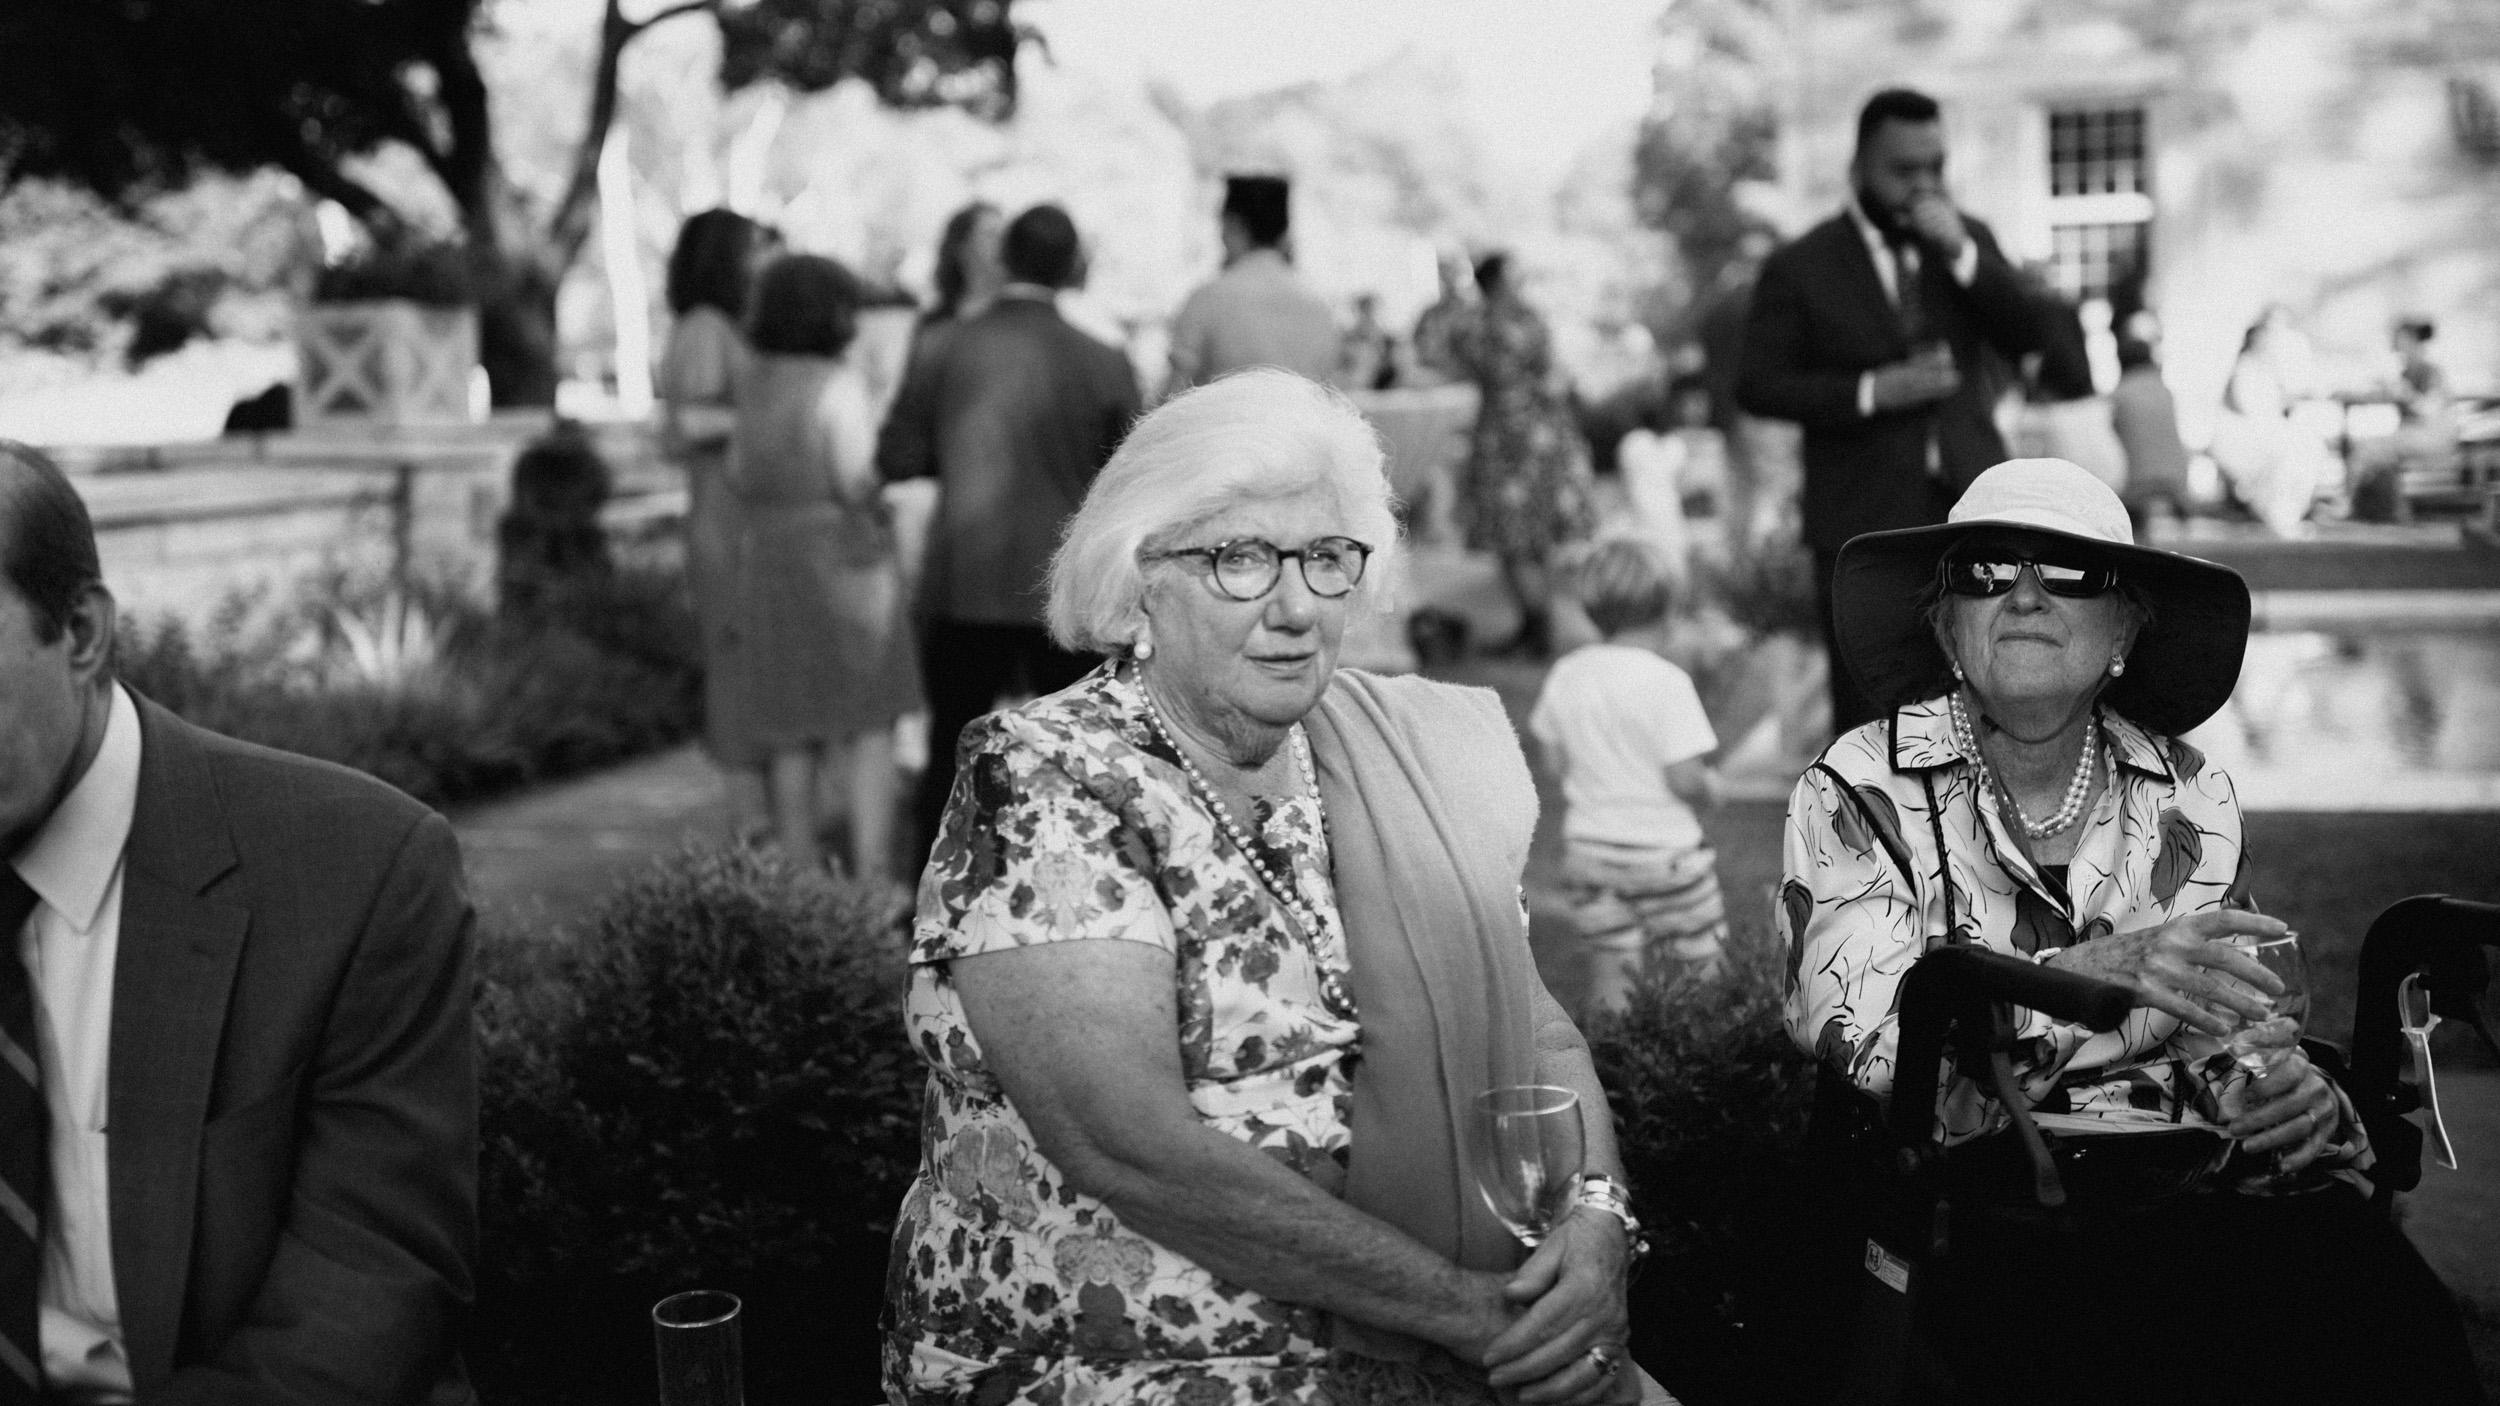 alec_vanderboom_vermont_wedding_photography-0097.jpg